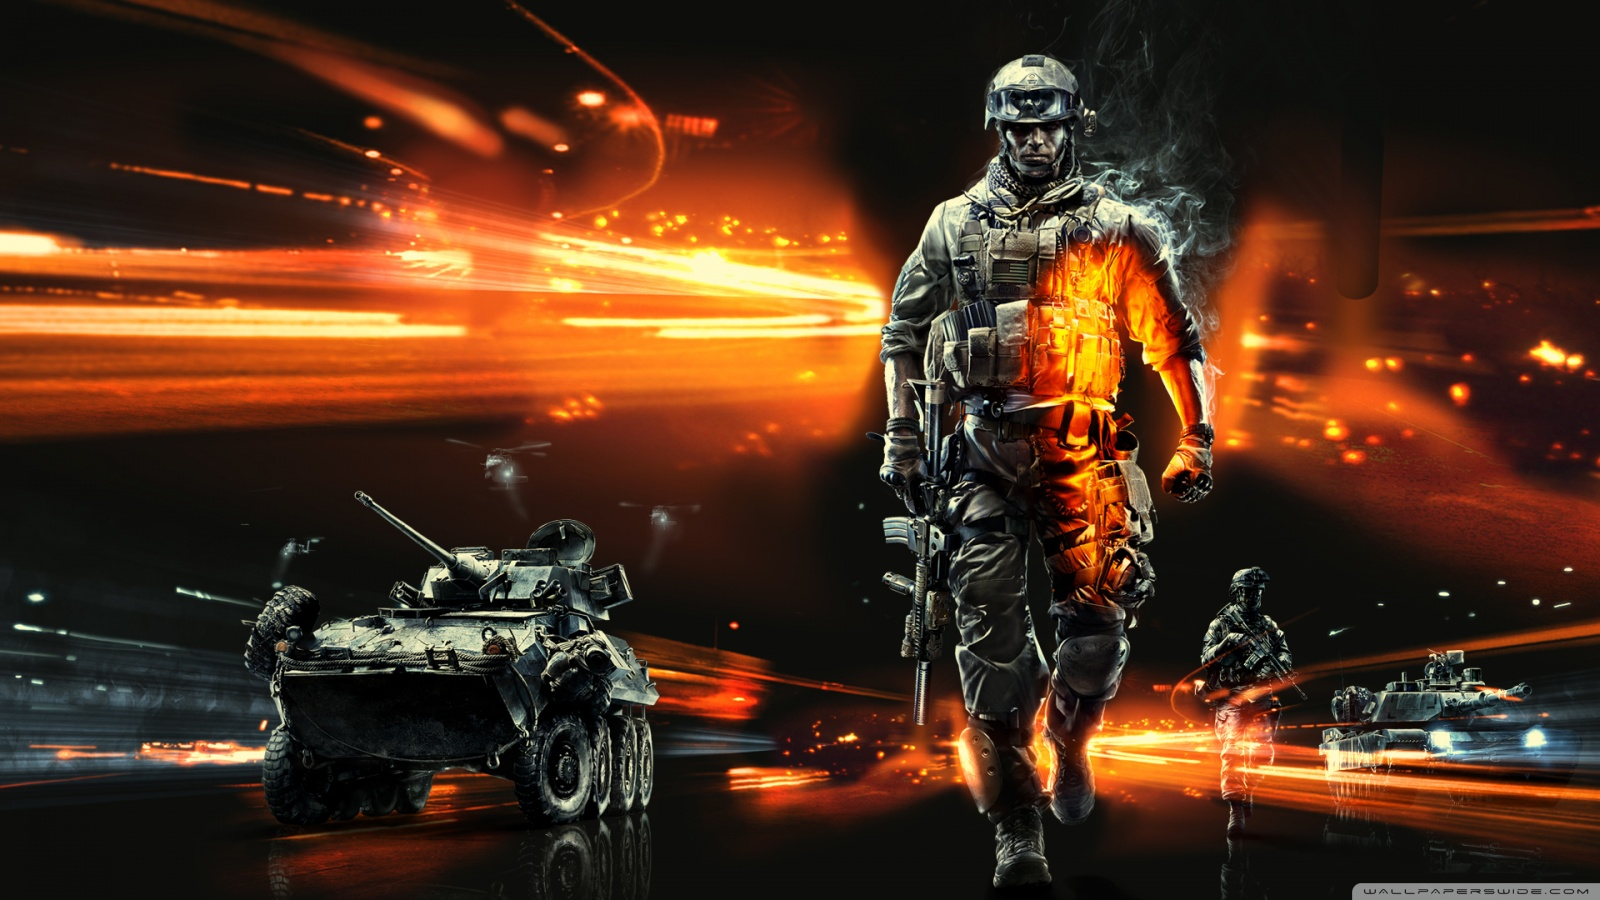 Freaking spot battlefield full hd 1080p wallpapers - Battlefield 3 hd wallpaper 1080p ...